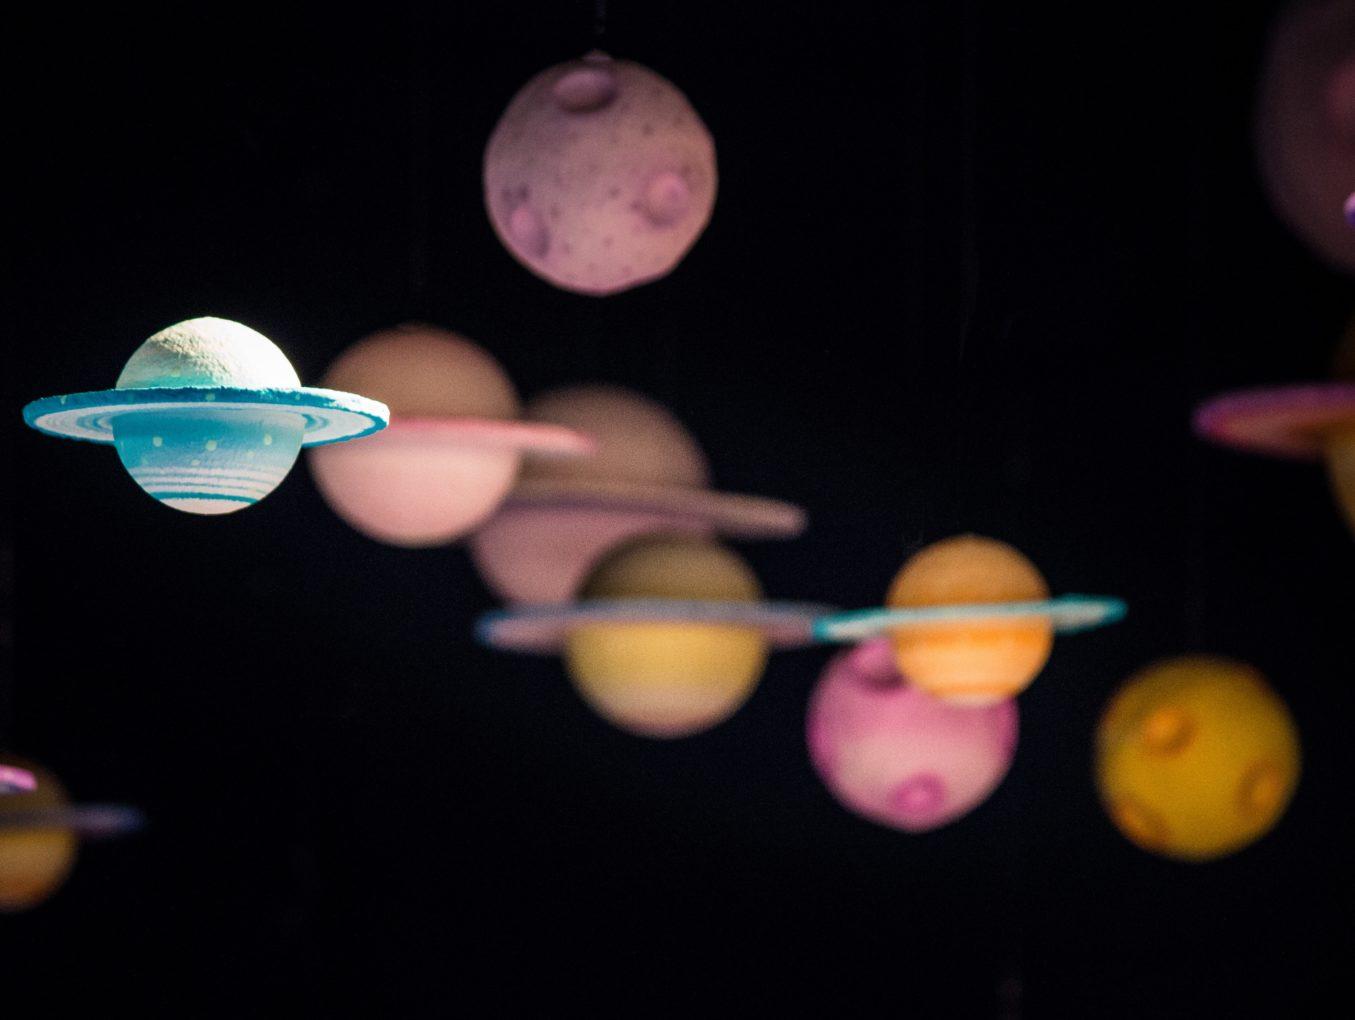 Найдены 9 планет, с которых можно увидеть Землю